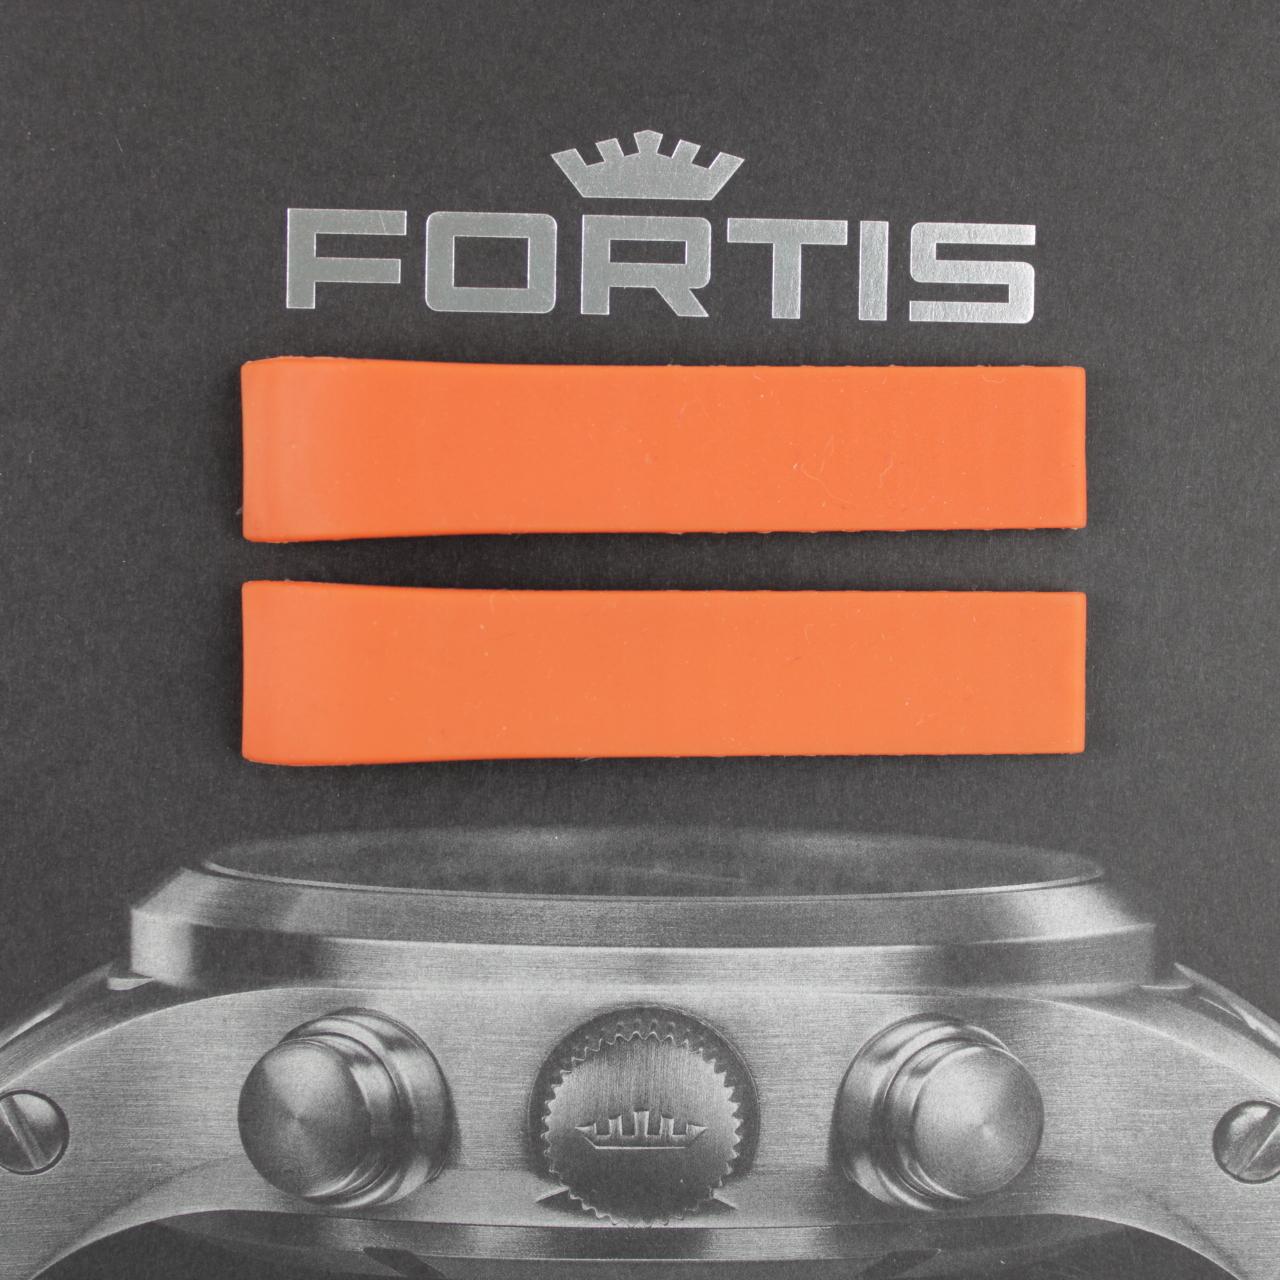 Fortis Spacematic Silikonband mit integrierten Anstoß braun